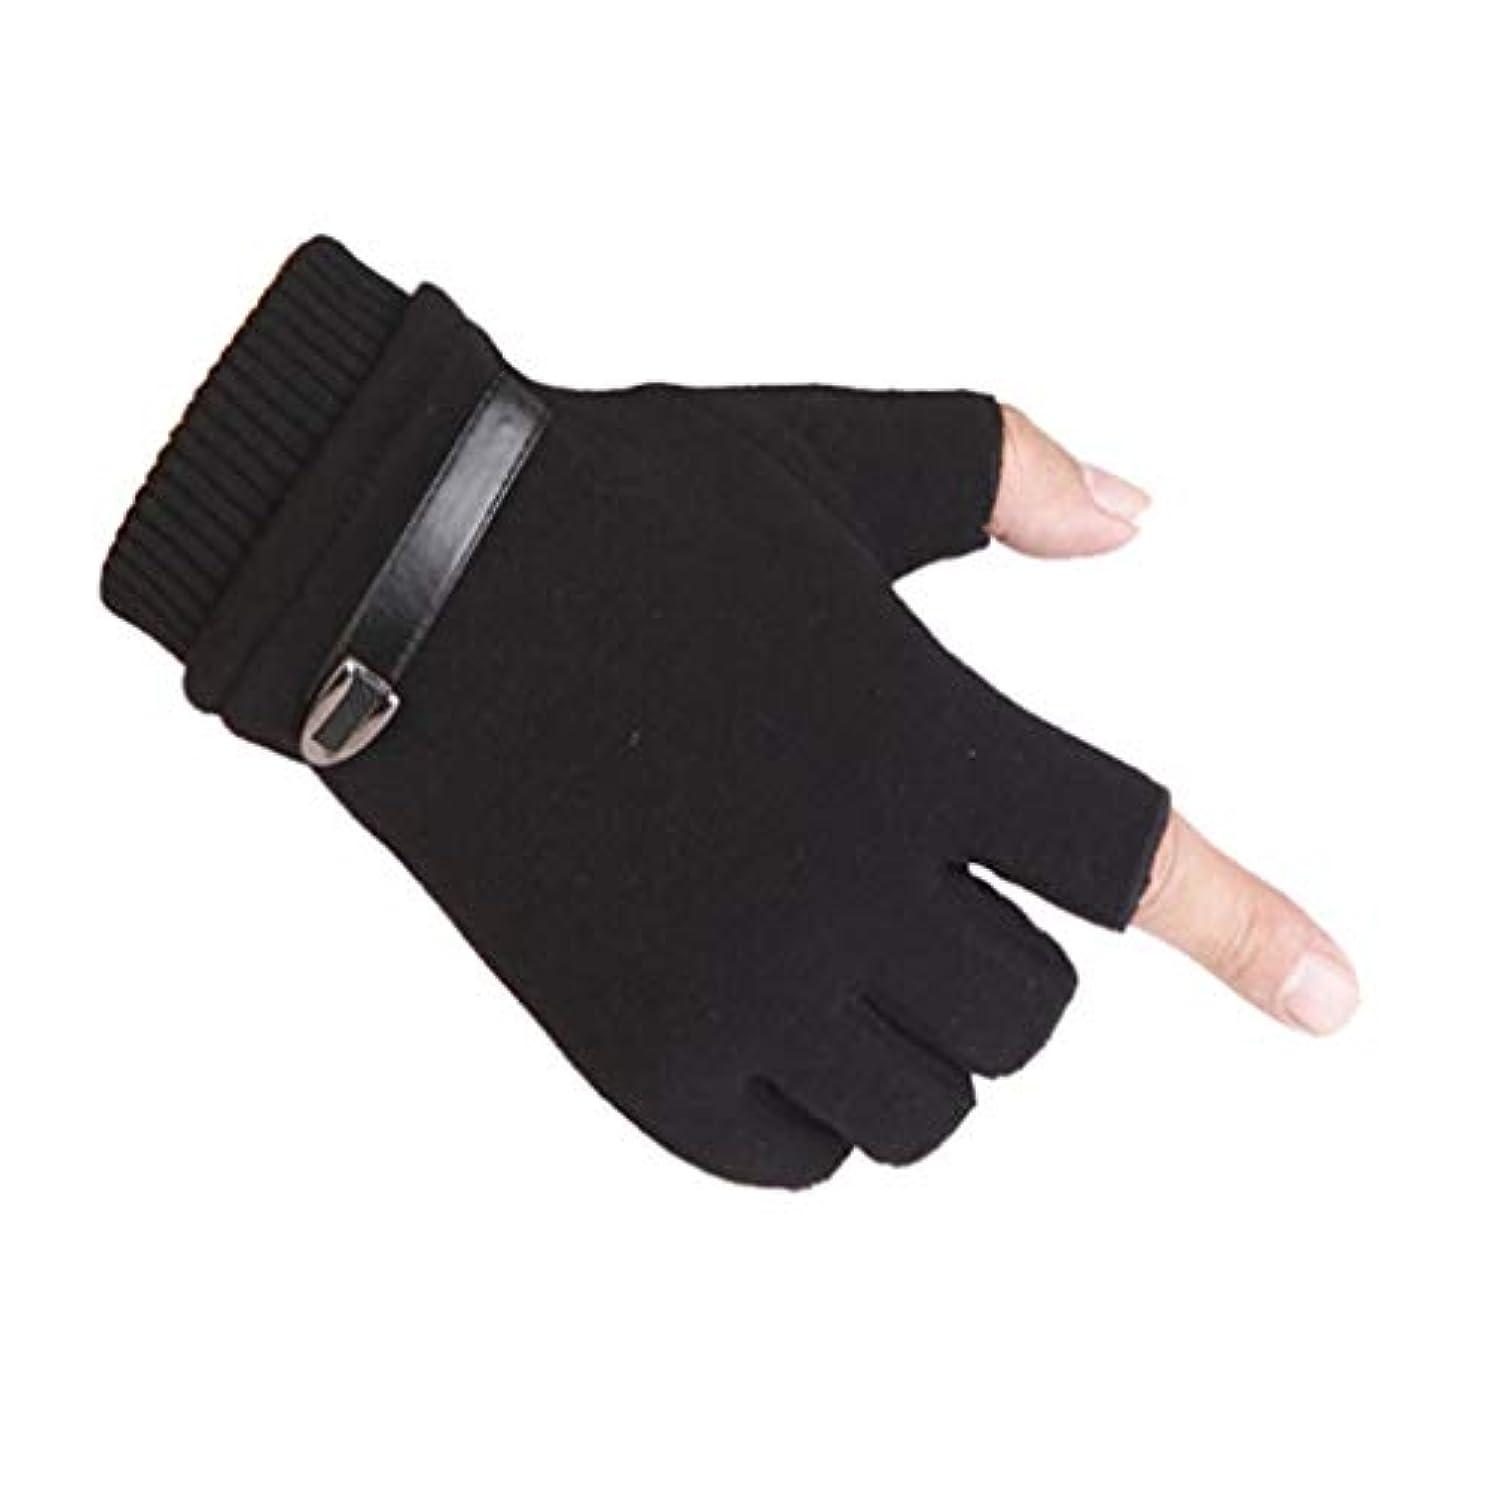 キャンペーン快適徹底的に秋と冬プラスベルベット肥厚ハーフフィンガー手袋男性と女性ベルベット生徒は指を離してカップルの手袋黒の男性モデルに乗ってコンピュータタイピングを書くことではない